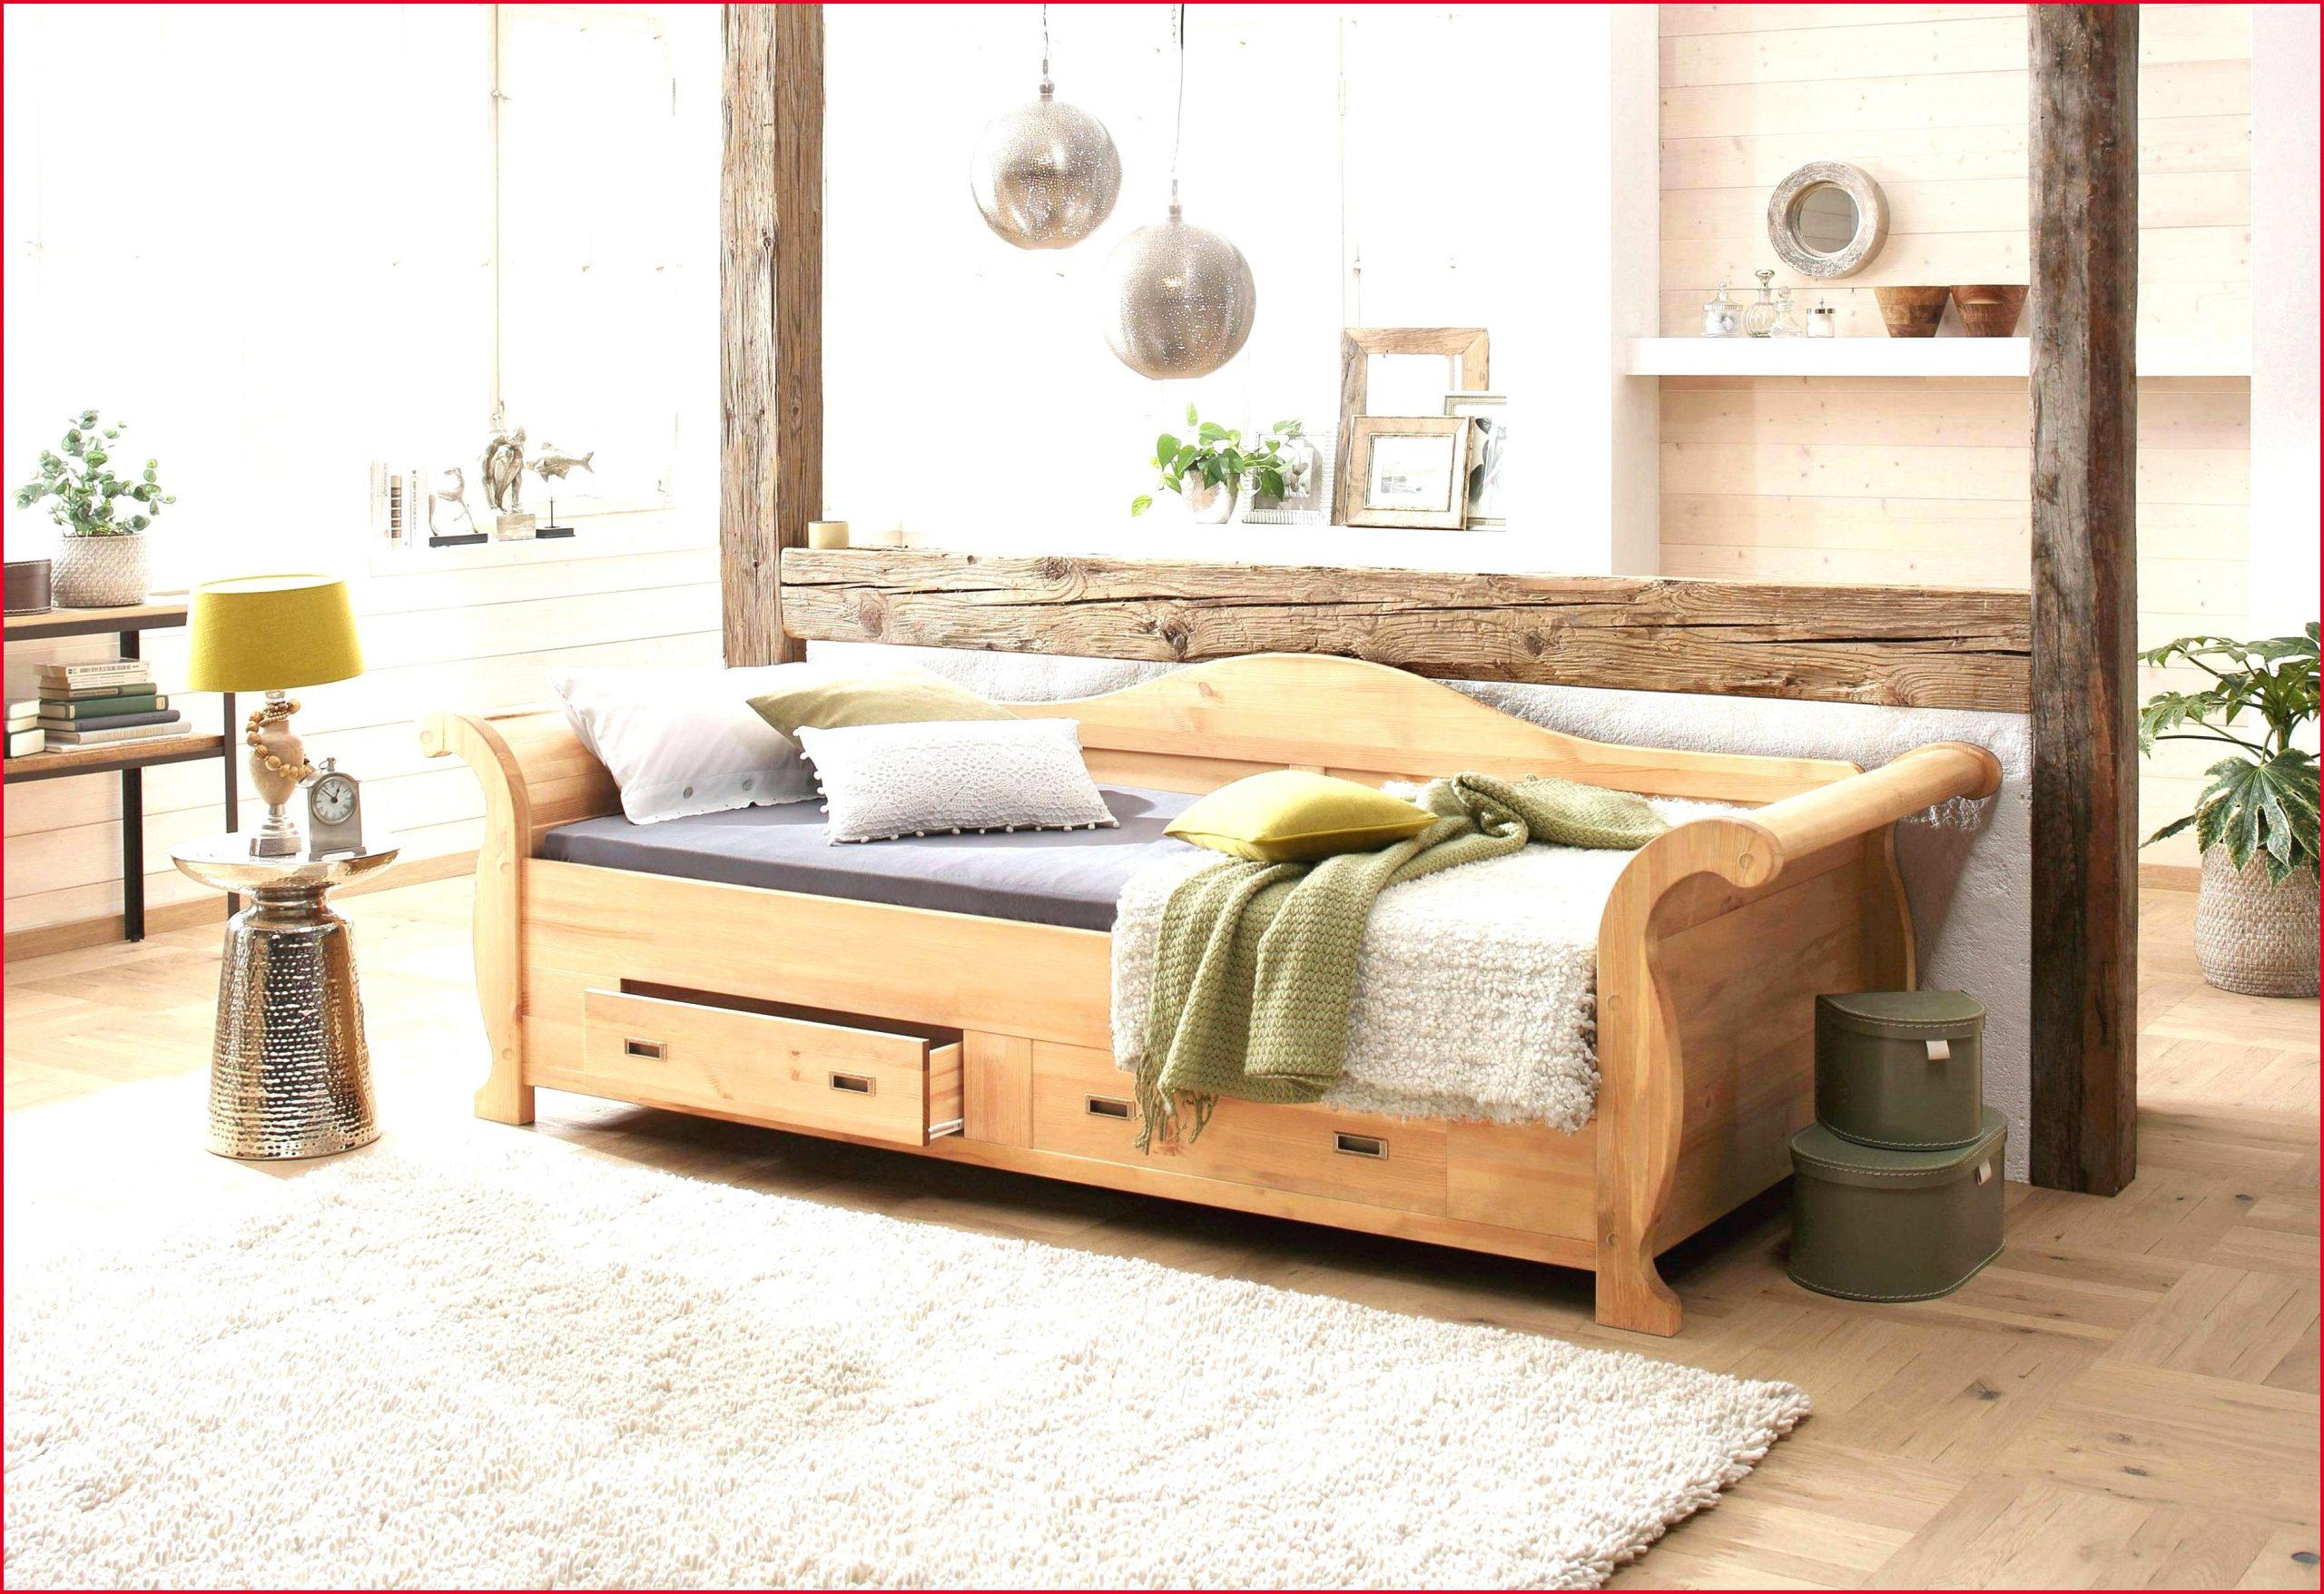 Full Size of Ausklappbares Bett Sofa Ikea Ausklappbar Zum Ausklappen Mit Selber Bauen 180x200 Bonprix Betten Coole 160x200 Günstig Kaufen Bopita 160x220 Günstige 140x200 Bett Ausklappbares Bett